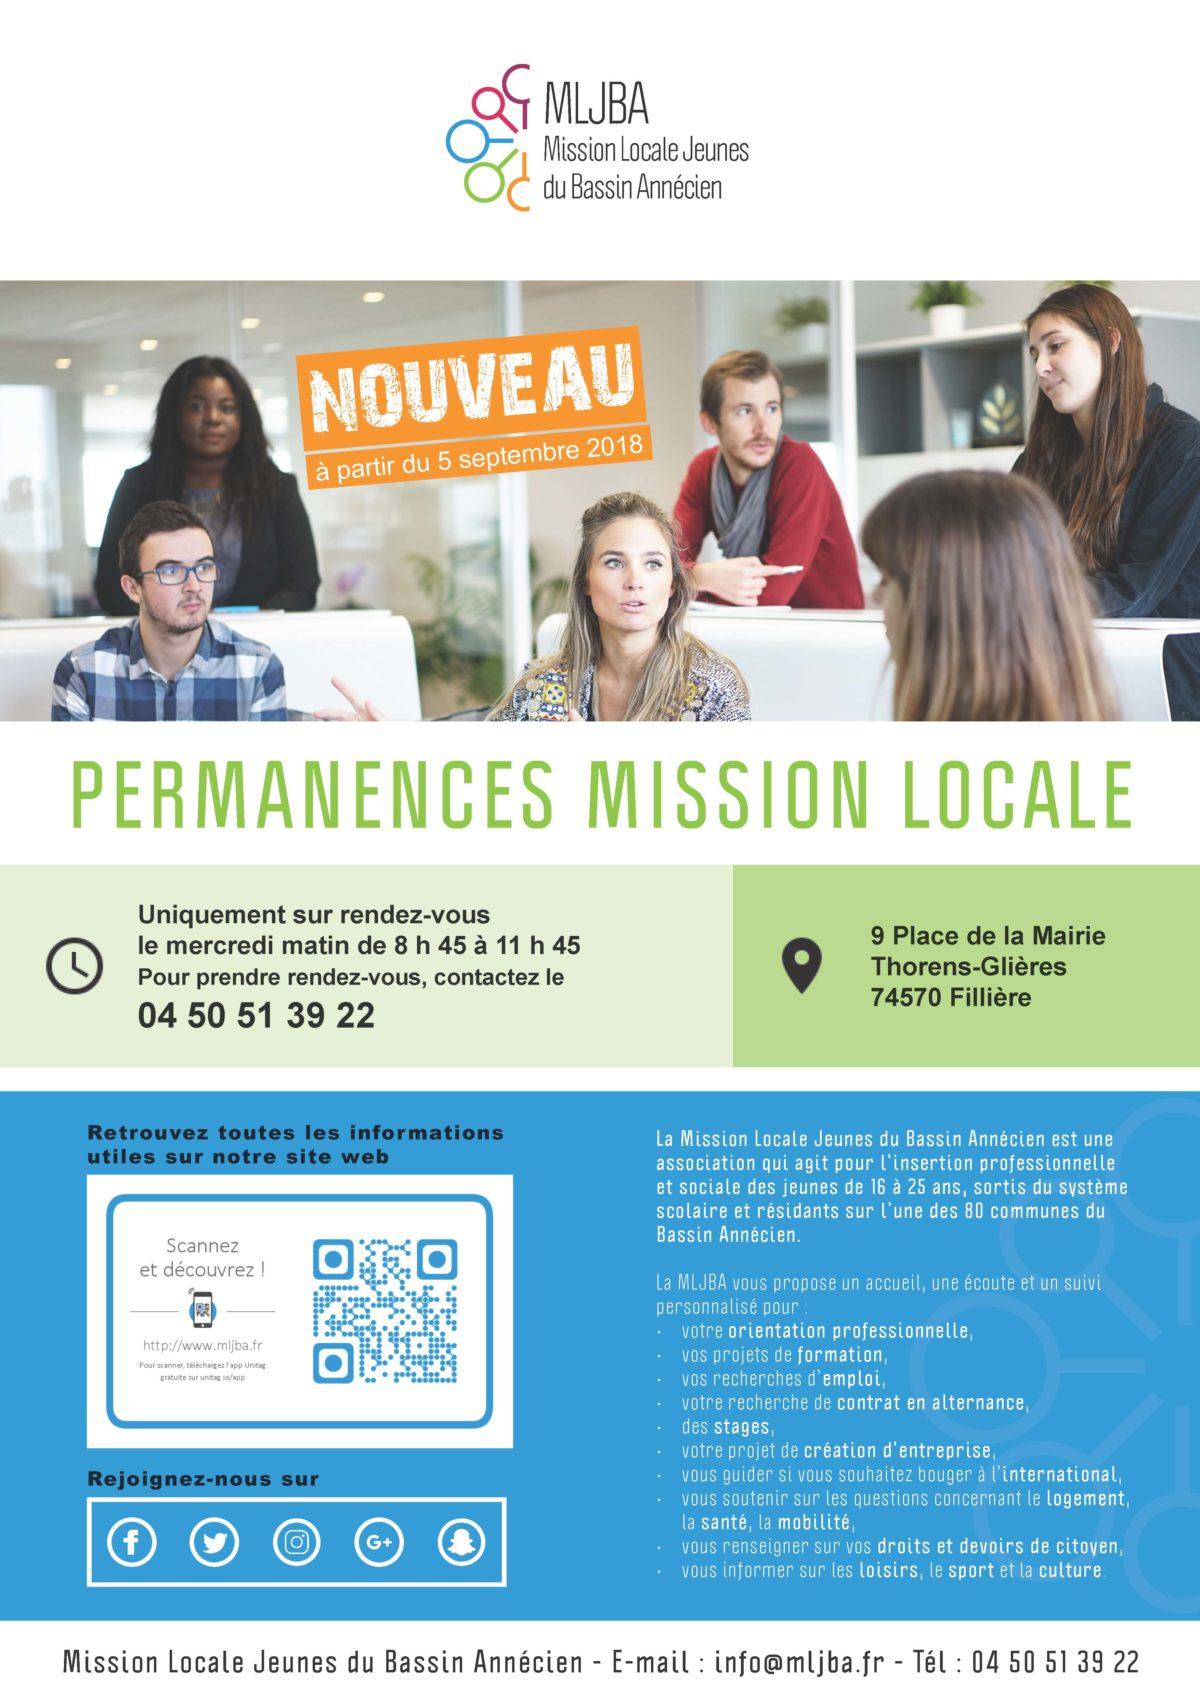 Nouveau : permanences de la Mission Locale Jeunes